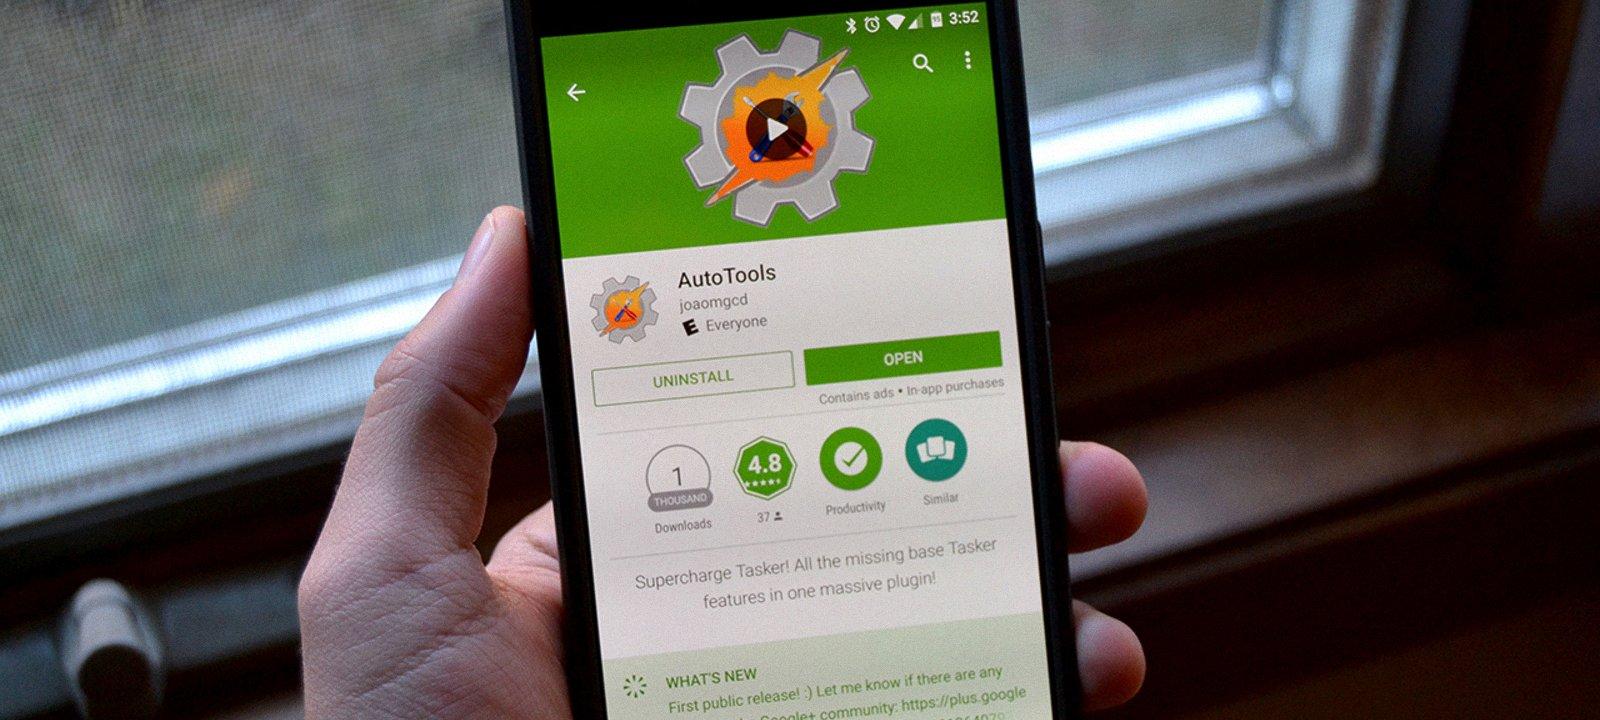 Скриптуем Android с Tasker и Autotools: защита программ отпечатком пальца, распознавание текста и скрытые твики